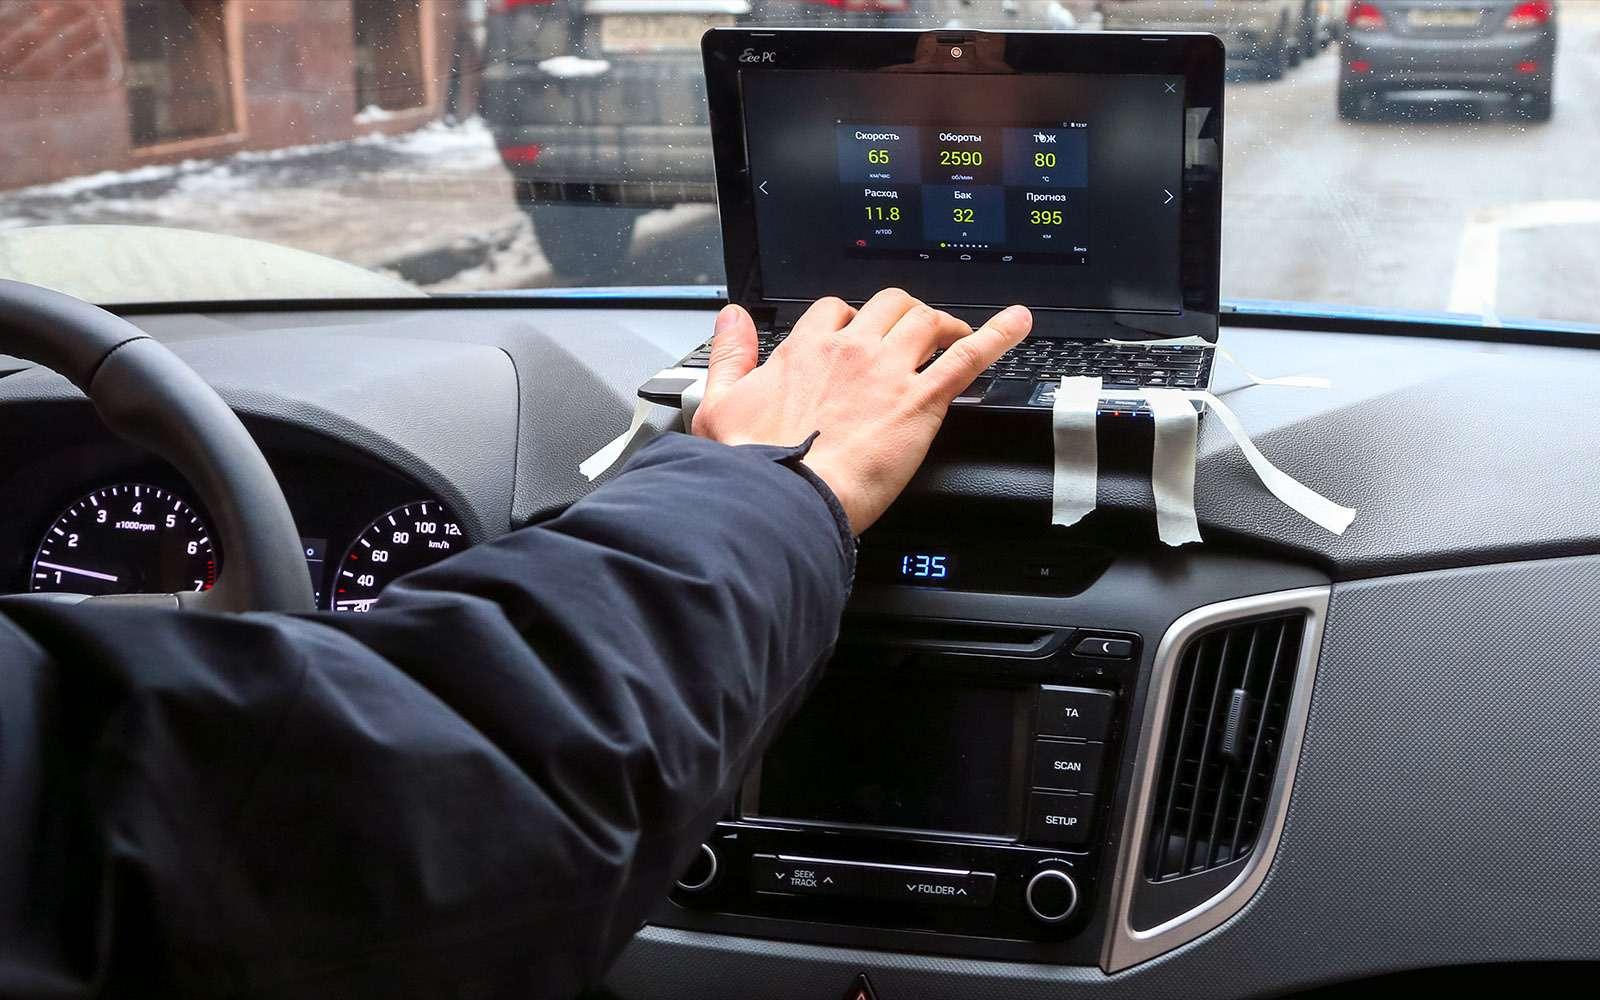 Бортовые компьютеры длябюджетных авто: сравниваем шесть моделей— фото 720022